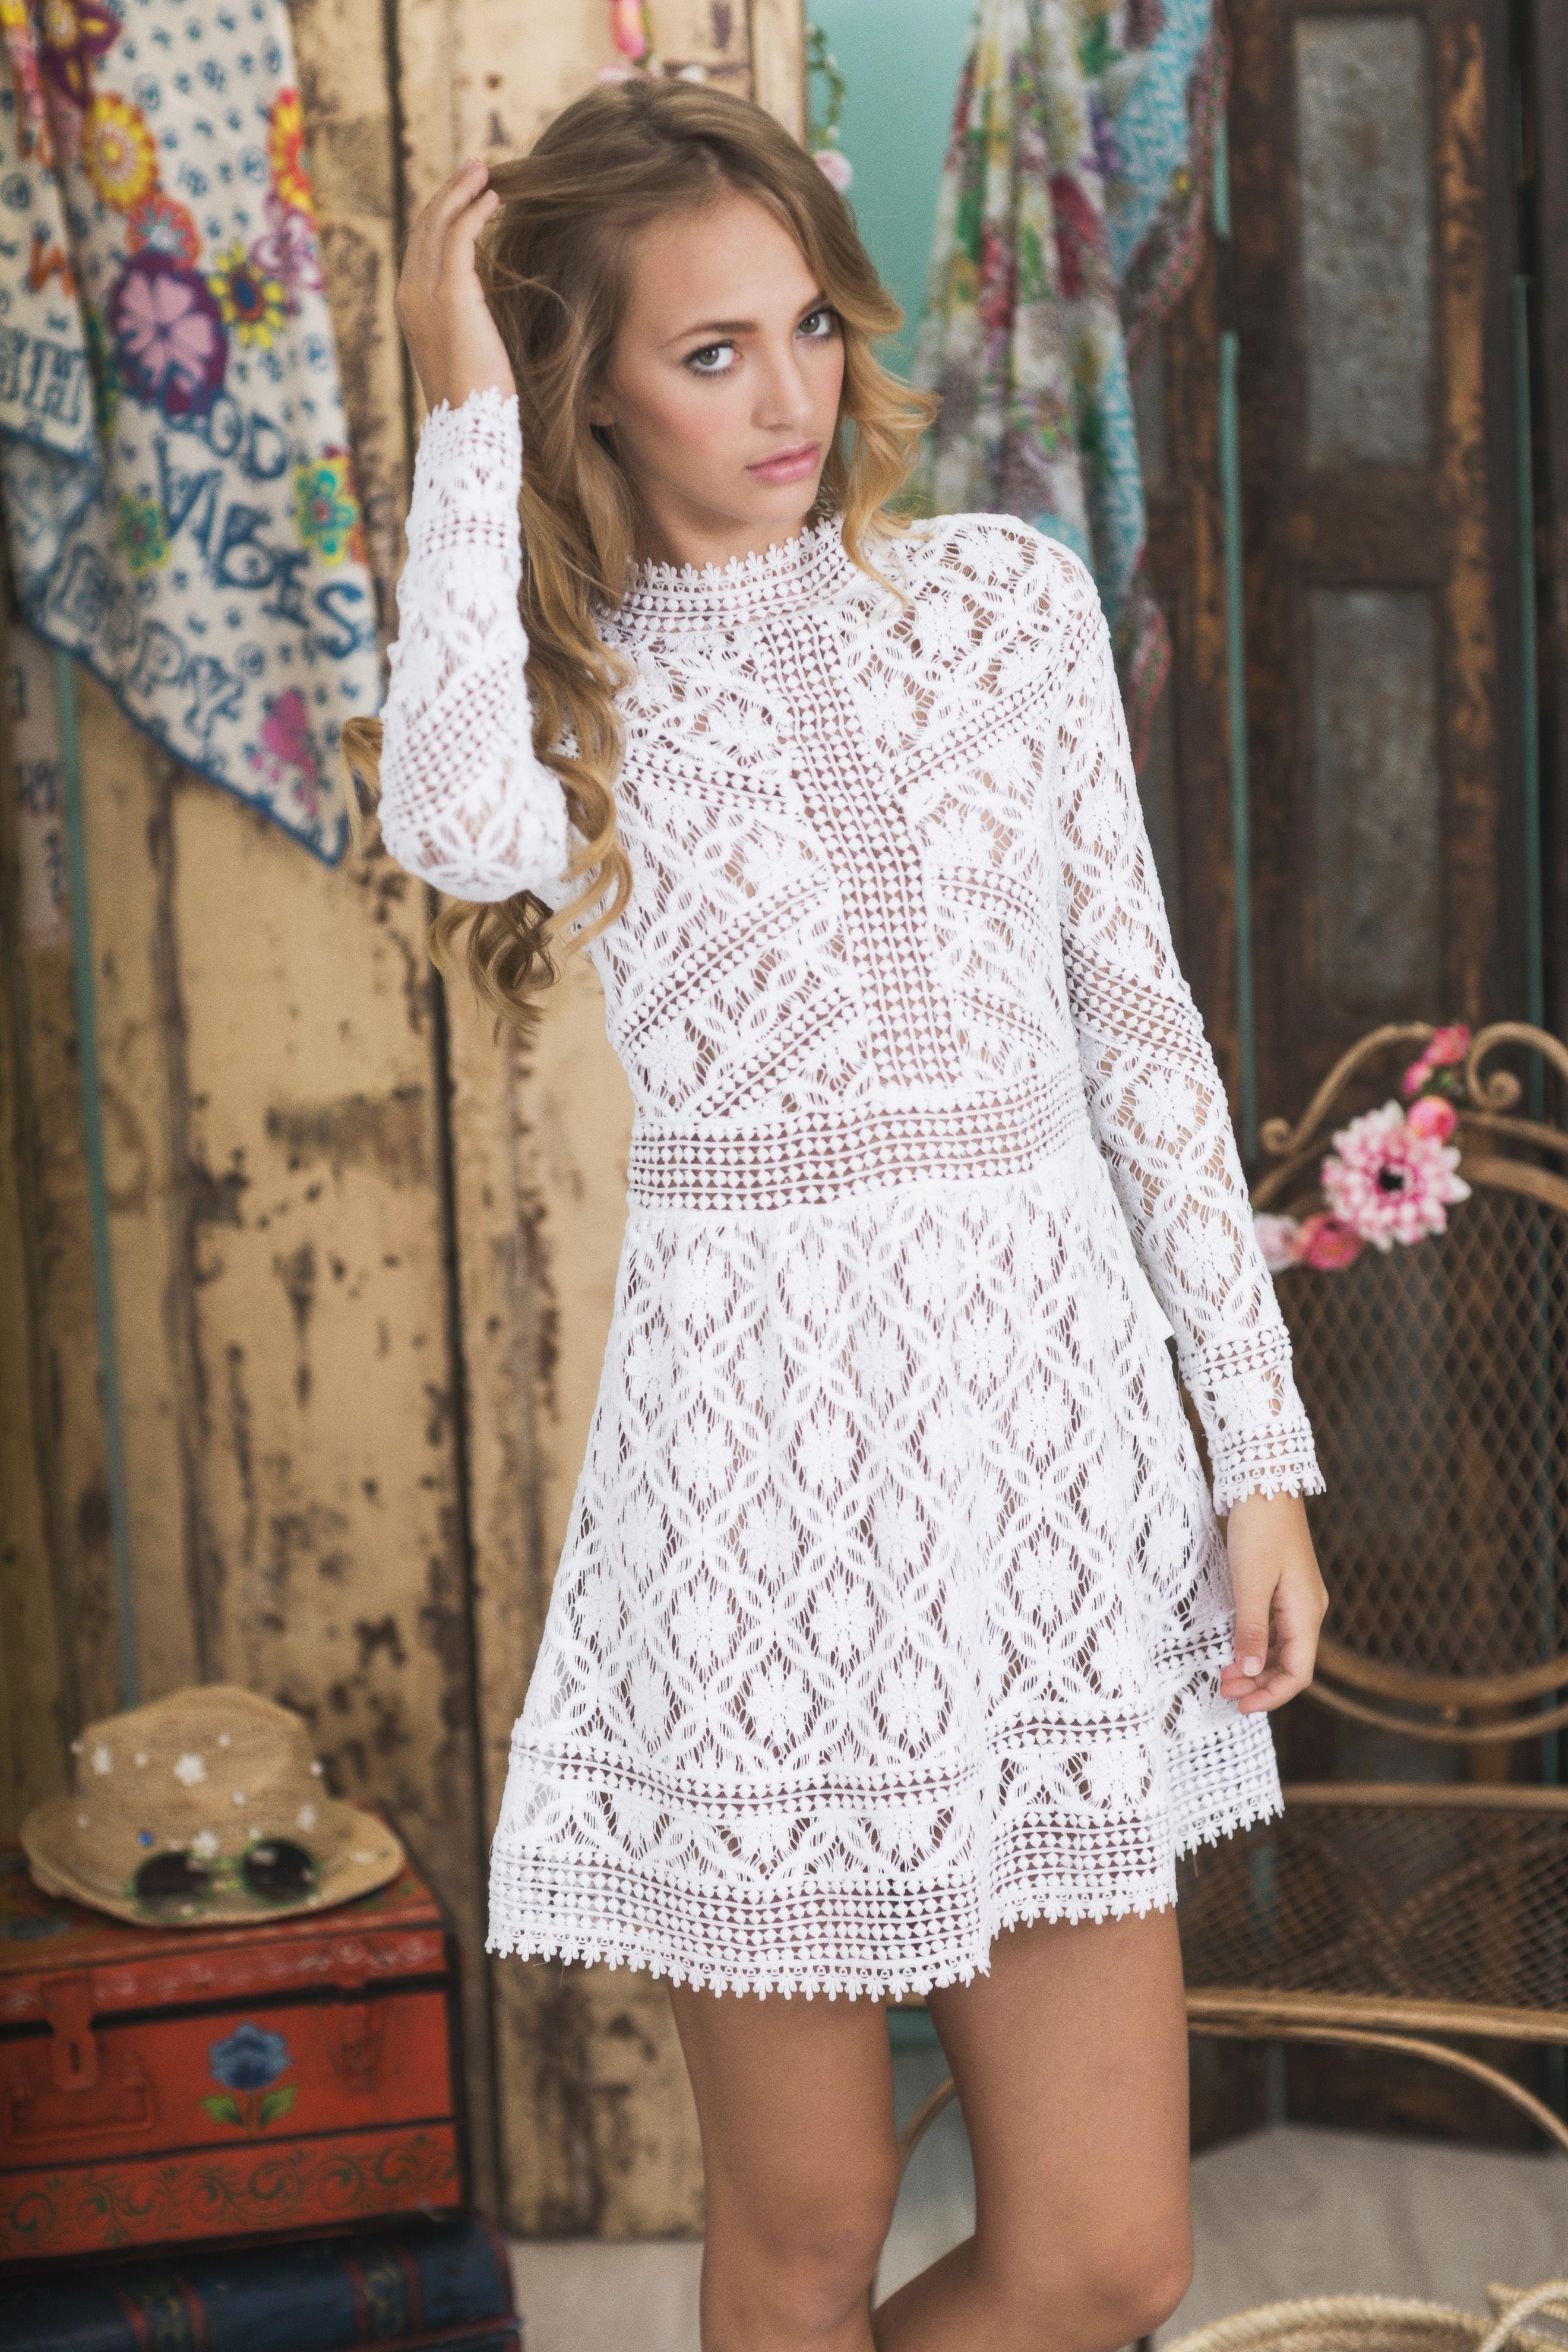 Vestido en guipur blanco